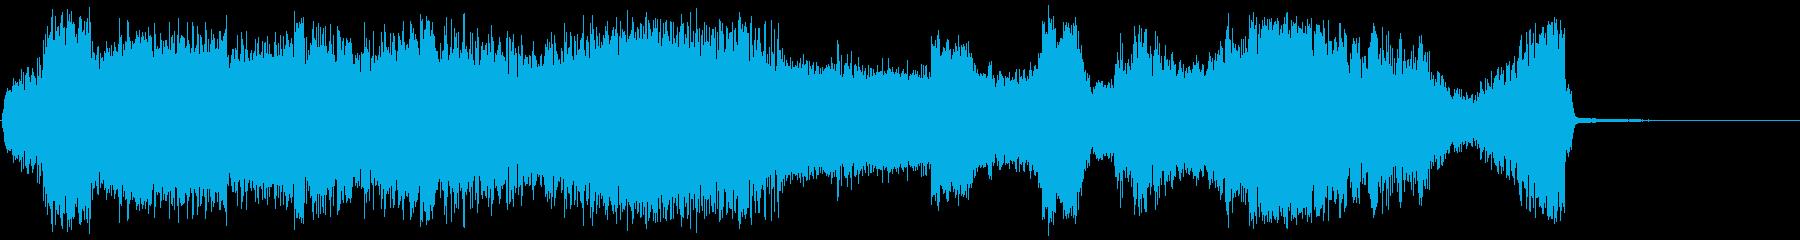 放射干渉の再生済みの波形